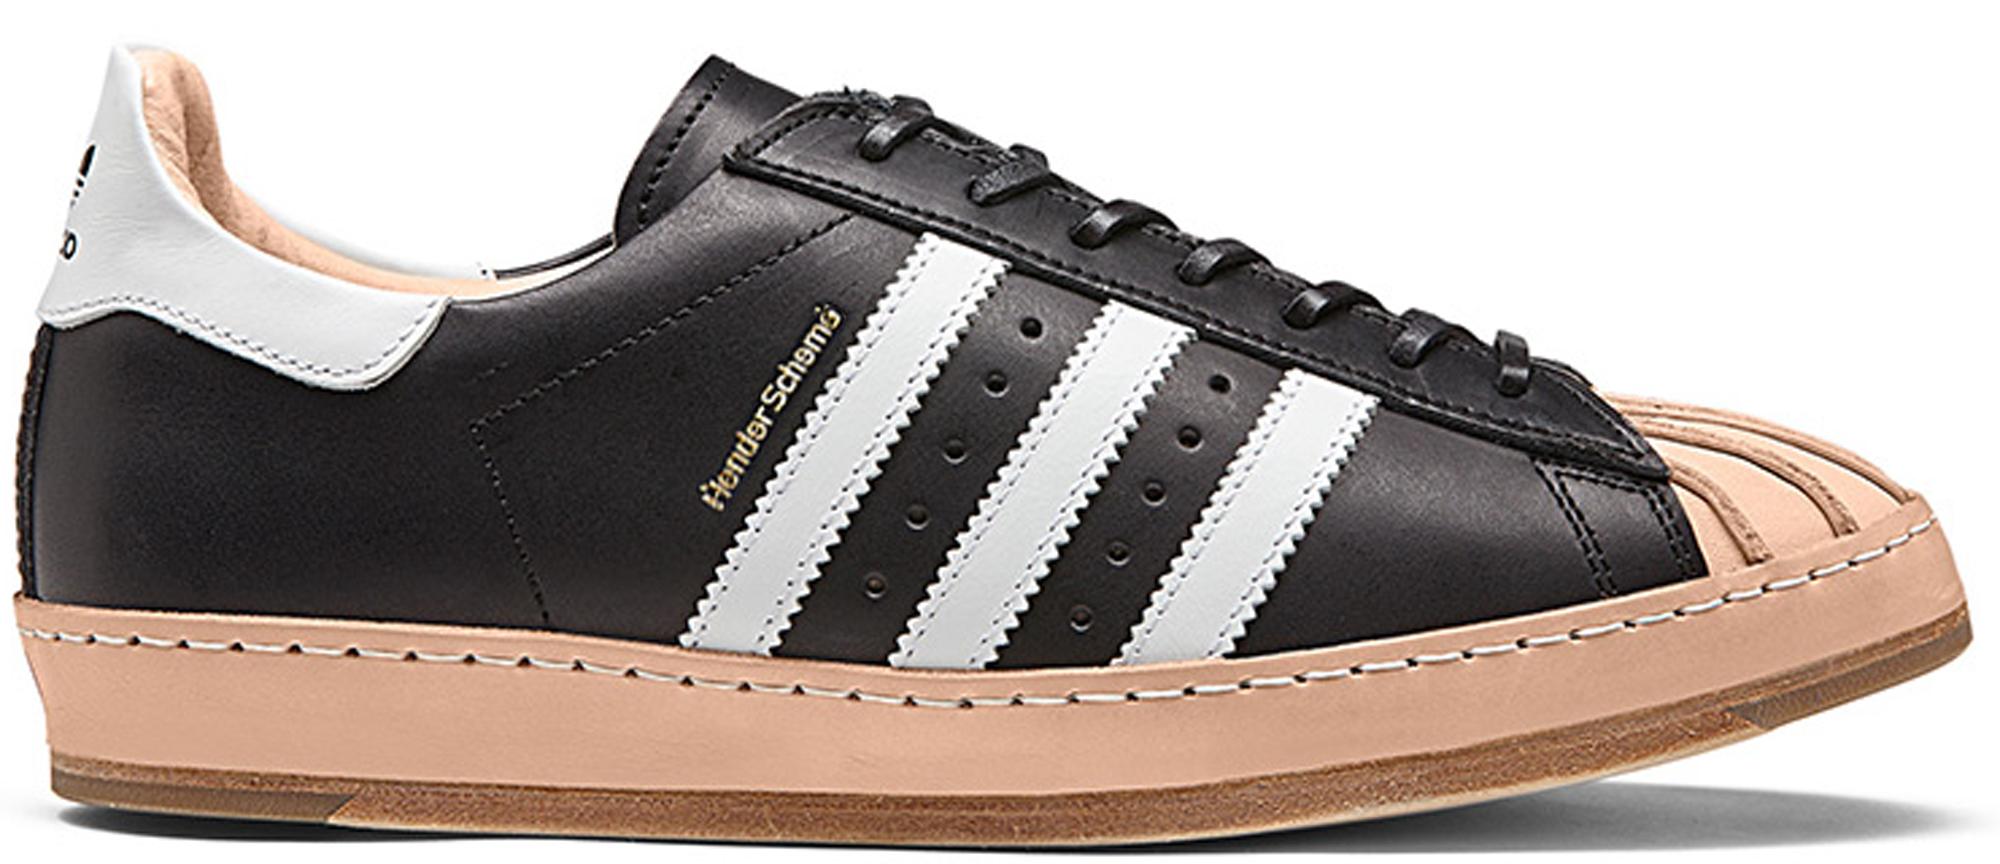 adidas Superstar Hender Scheme Black White